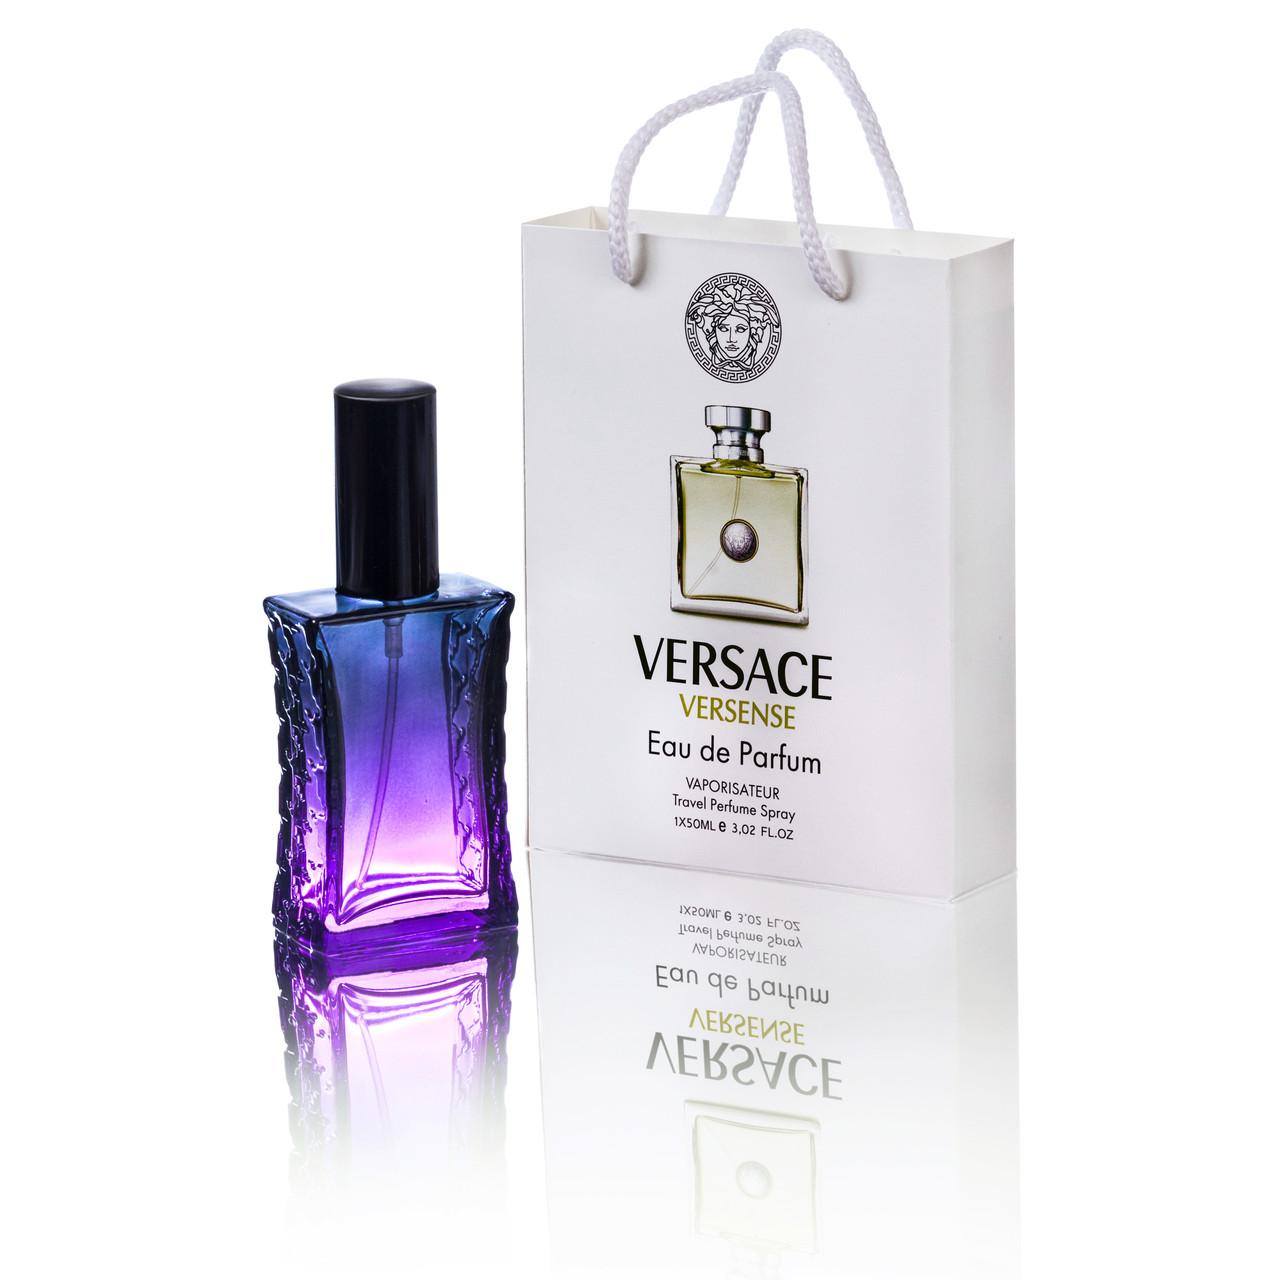 Купить Versace Versense (версаче Версенс) в подарочной упаковке 50 мл.  оптом и в розницу в Киеве от компании